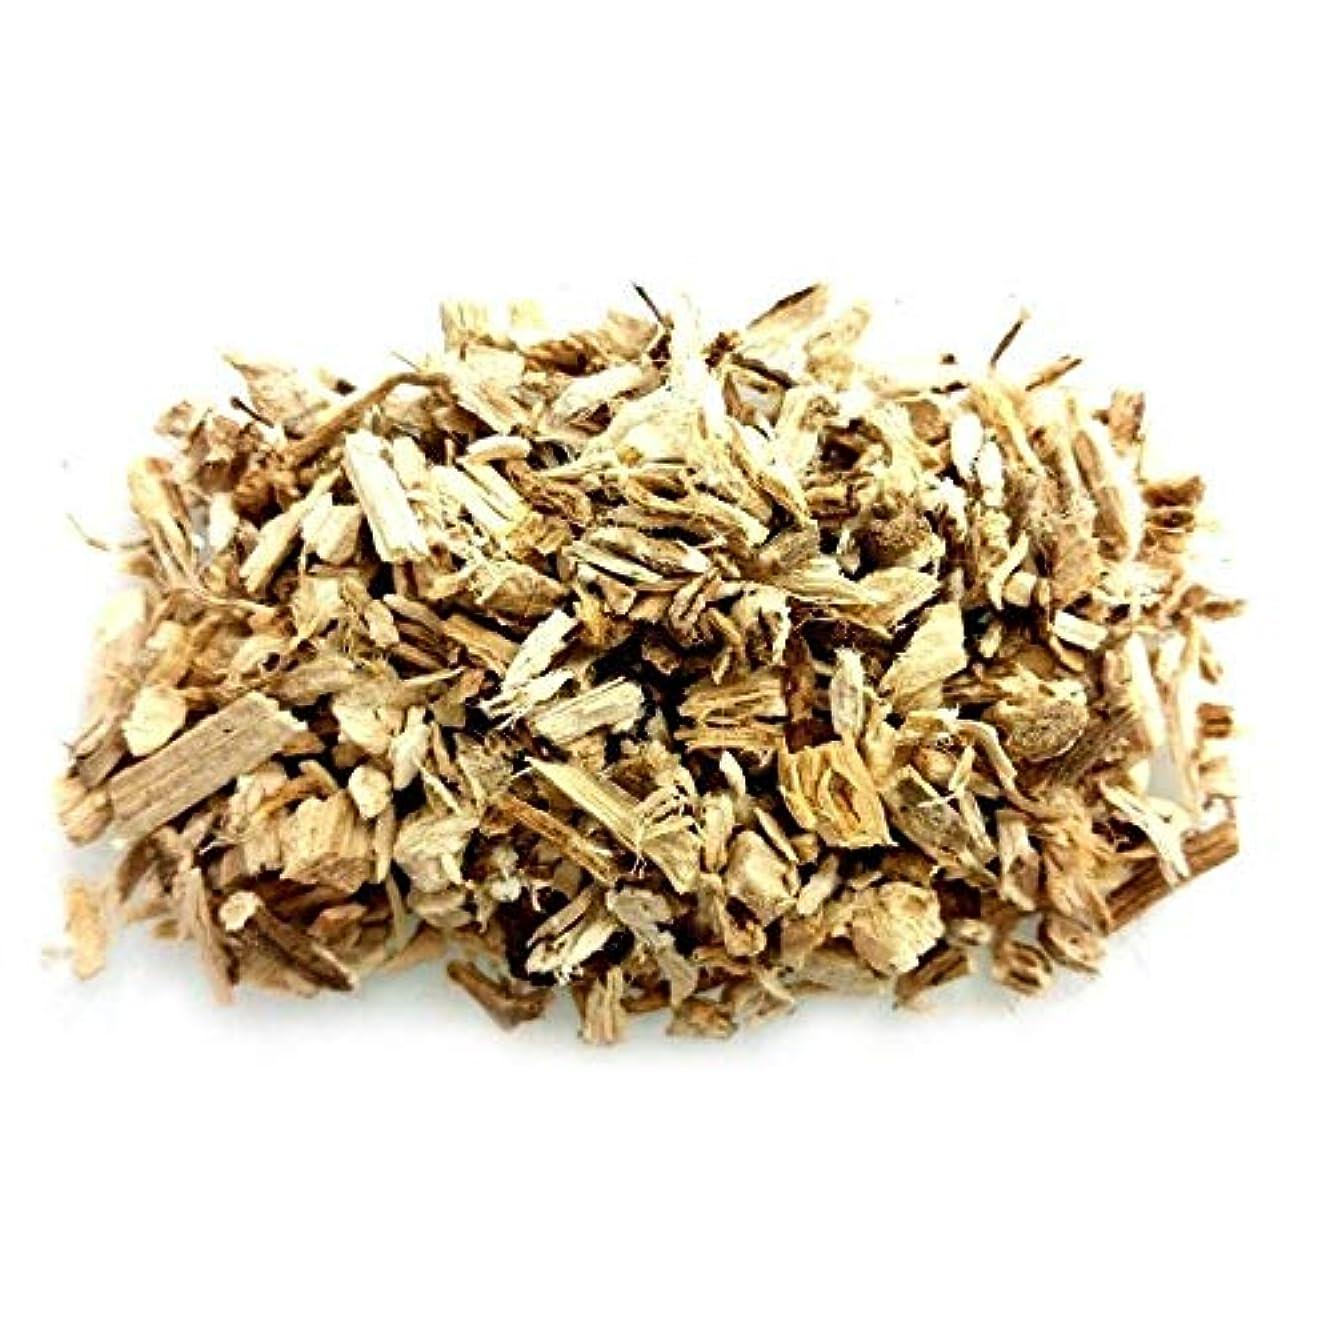 性能苦いあさり種子パッケージ:ルート-IncenseフレグランスMagikal Seedion儀式ウィッカパガン